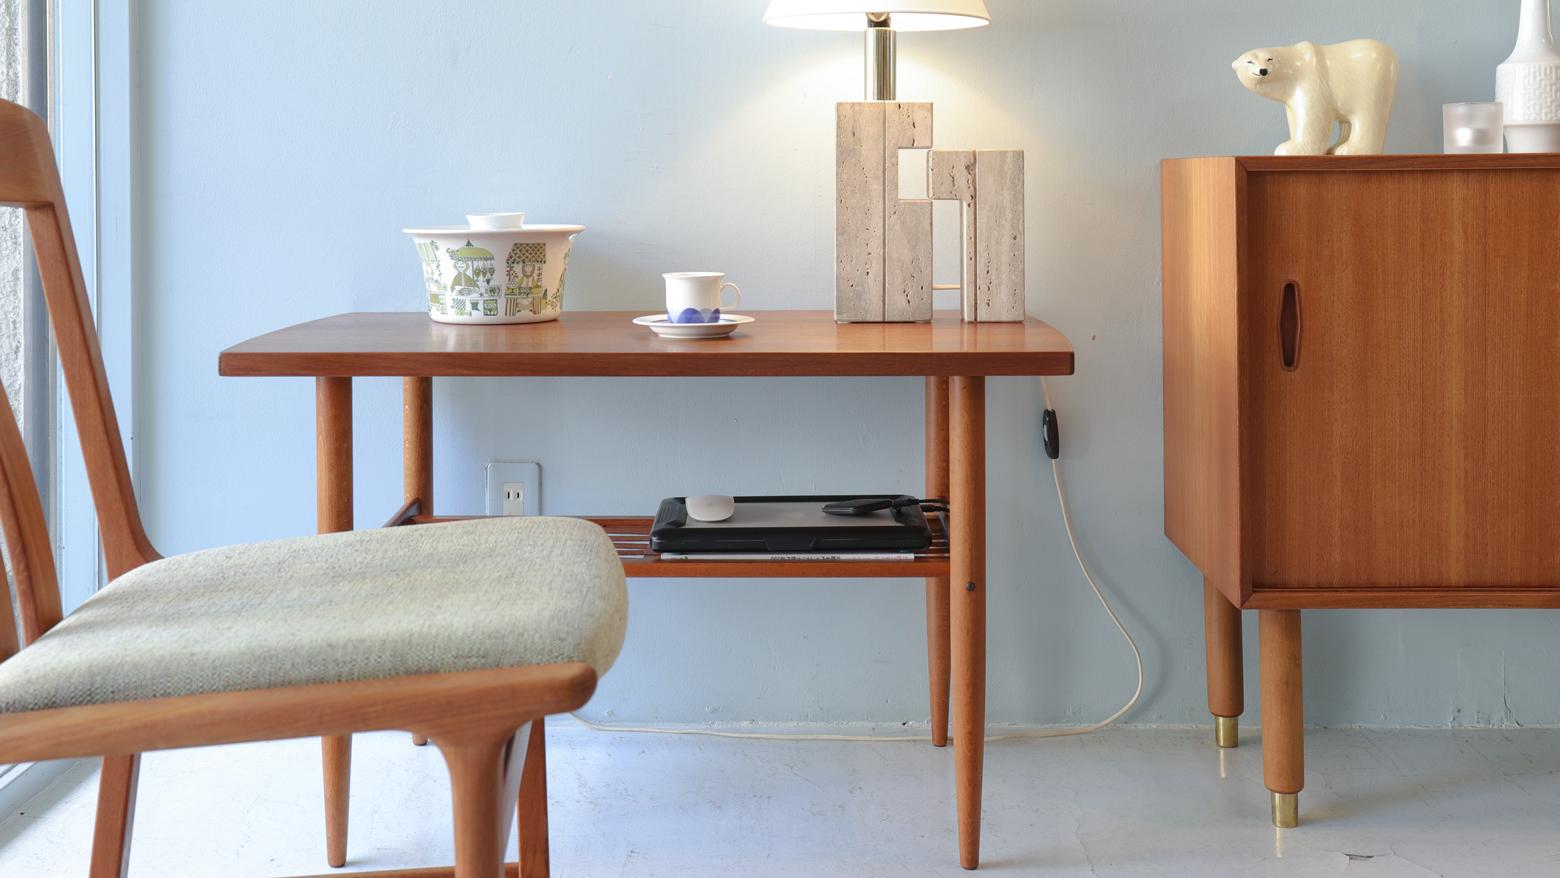 Swedish Vintage Albert Larsson Coffee Table/スウェーデン ヴィンテージ アルバート・ラーソン コーヒーテーブル 北欧家具